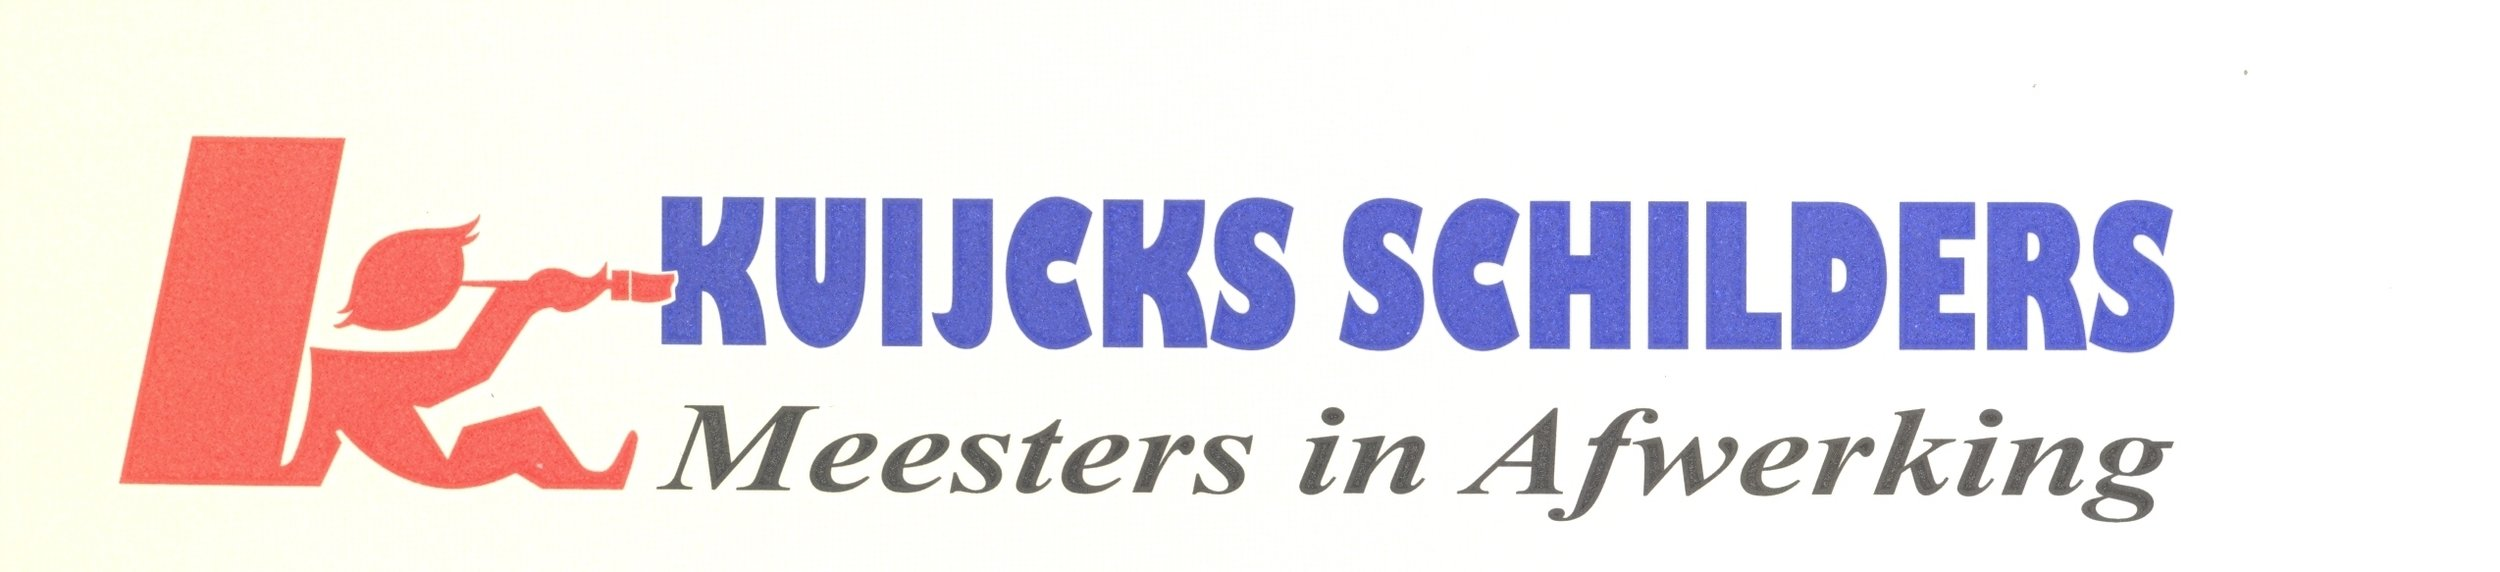 Kuijcks logo.jpg